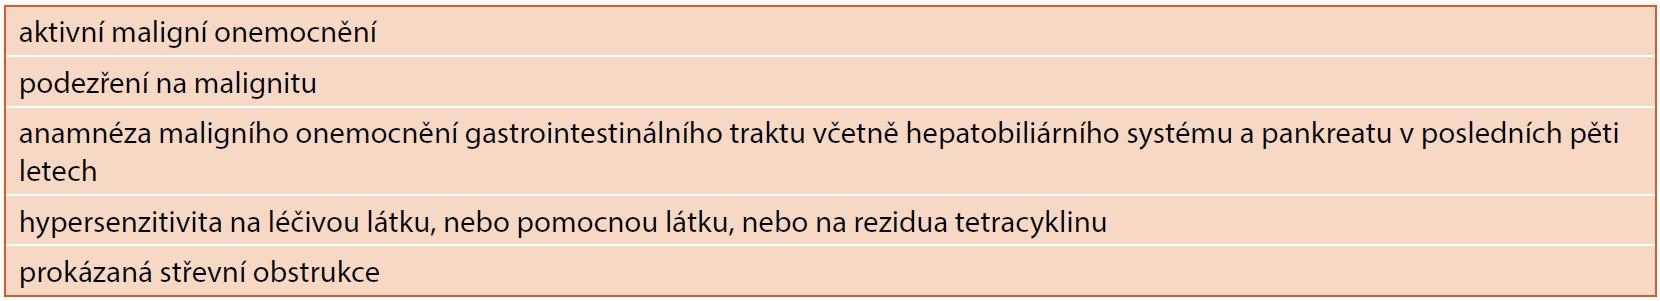 Kontraindikace terapie teduglutidem.